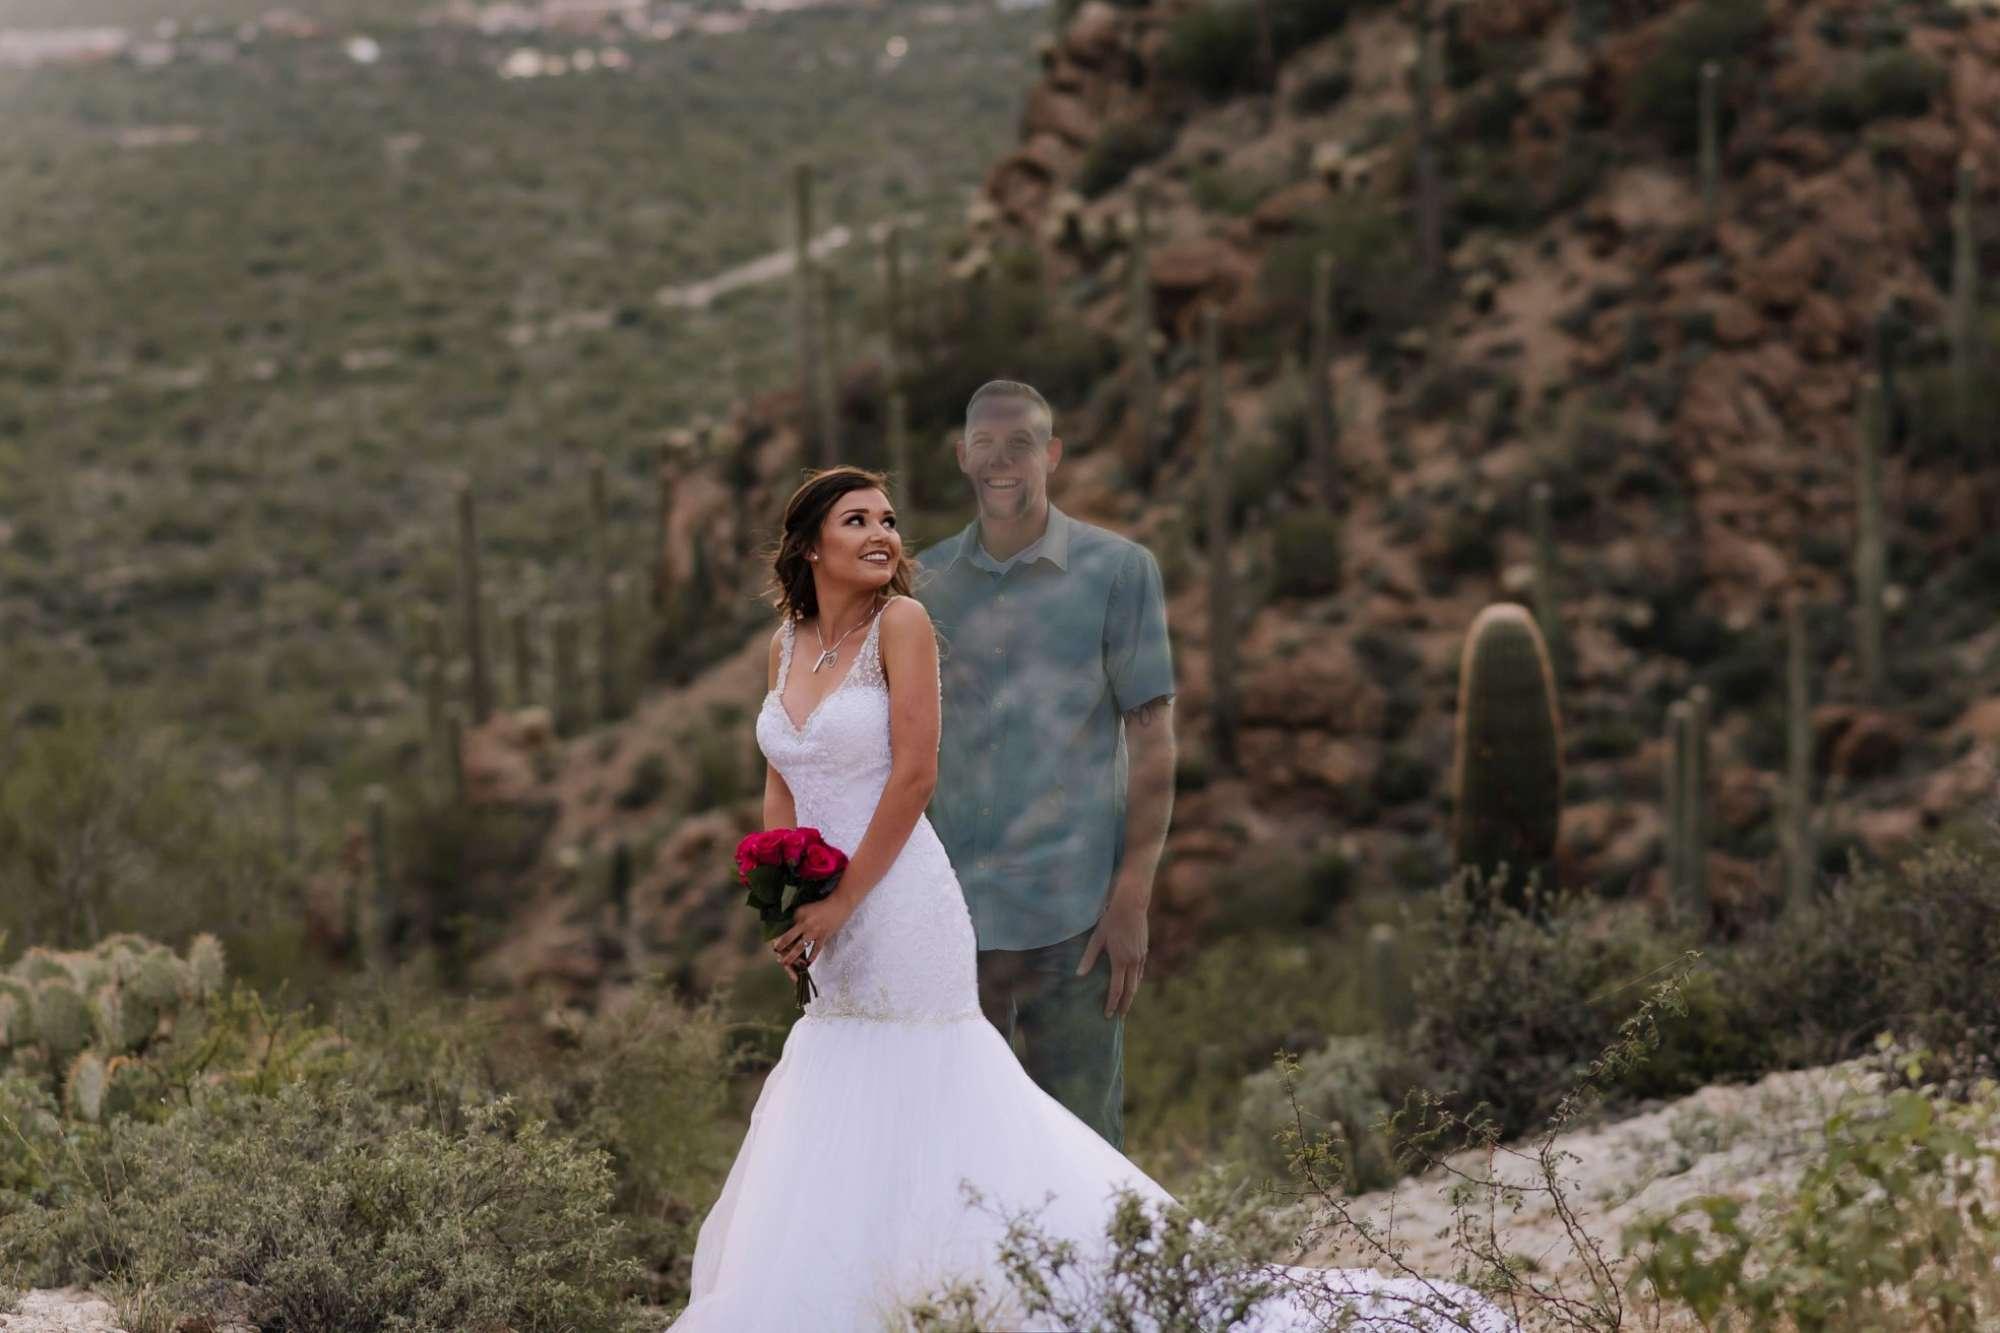 Usa, il fidanzato muore in un incidente: lei posa in foto con il suo ologramma